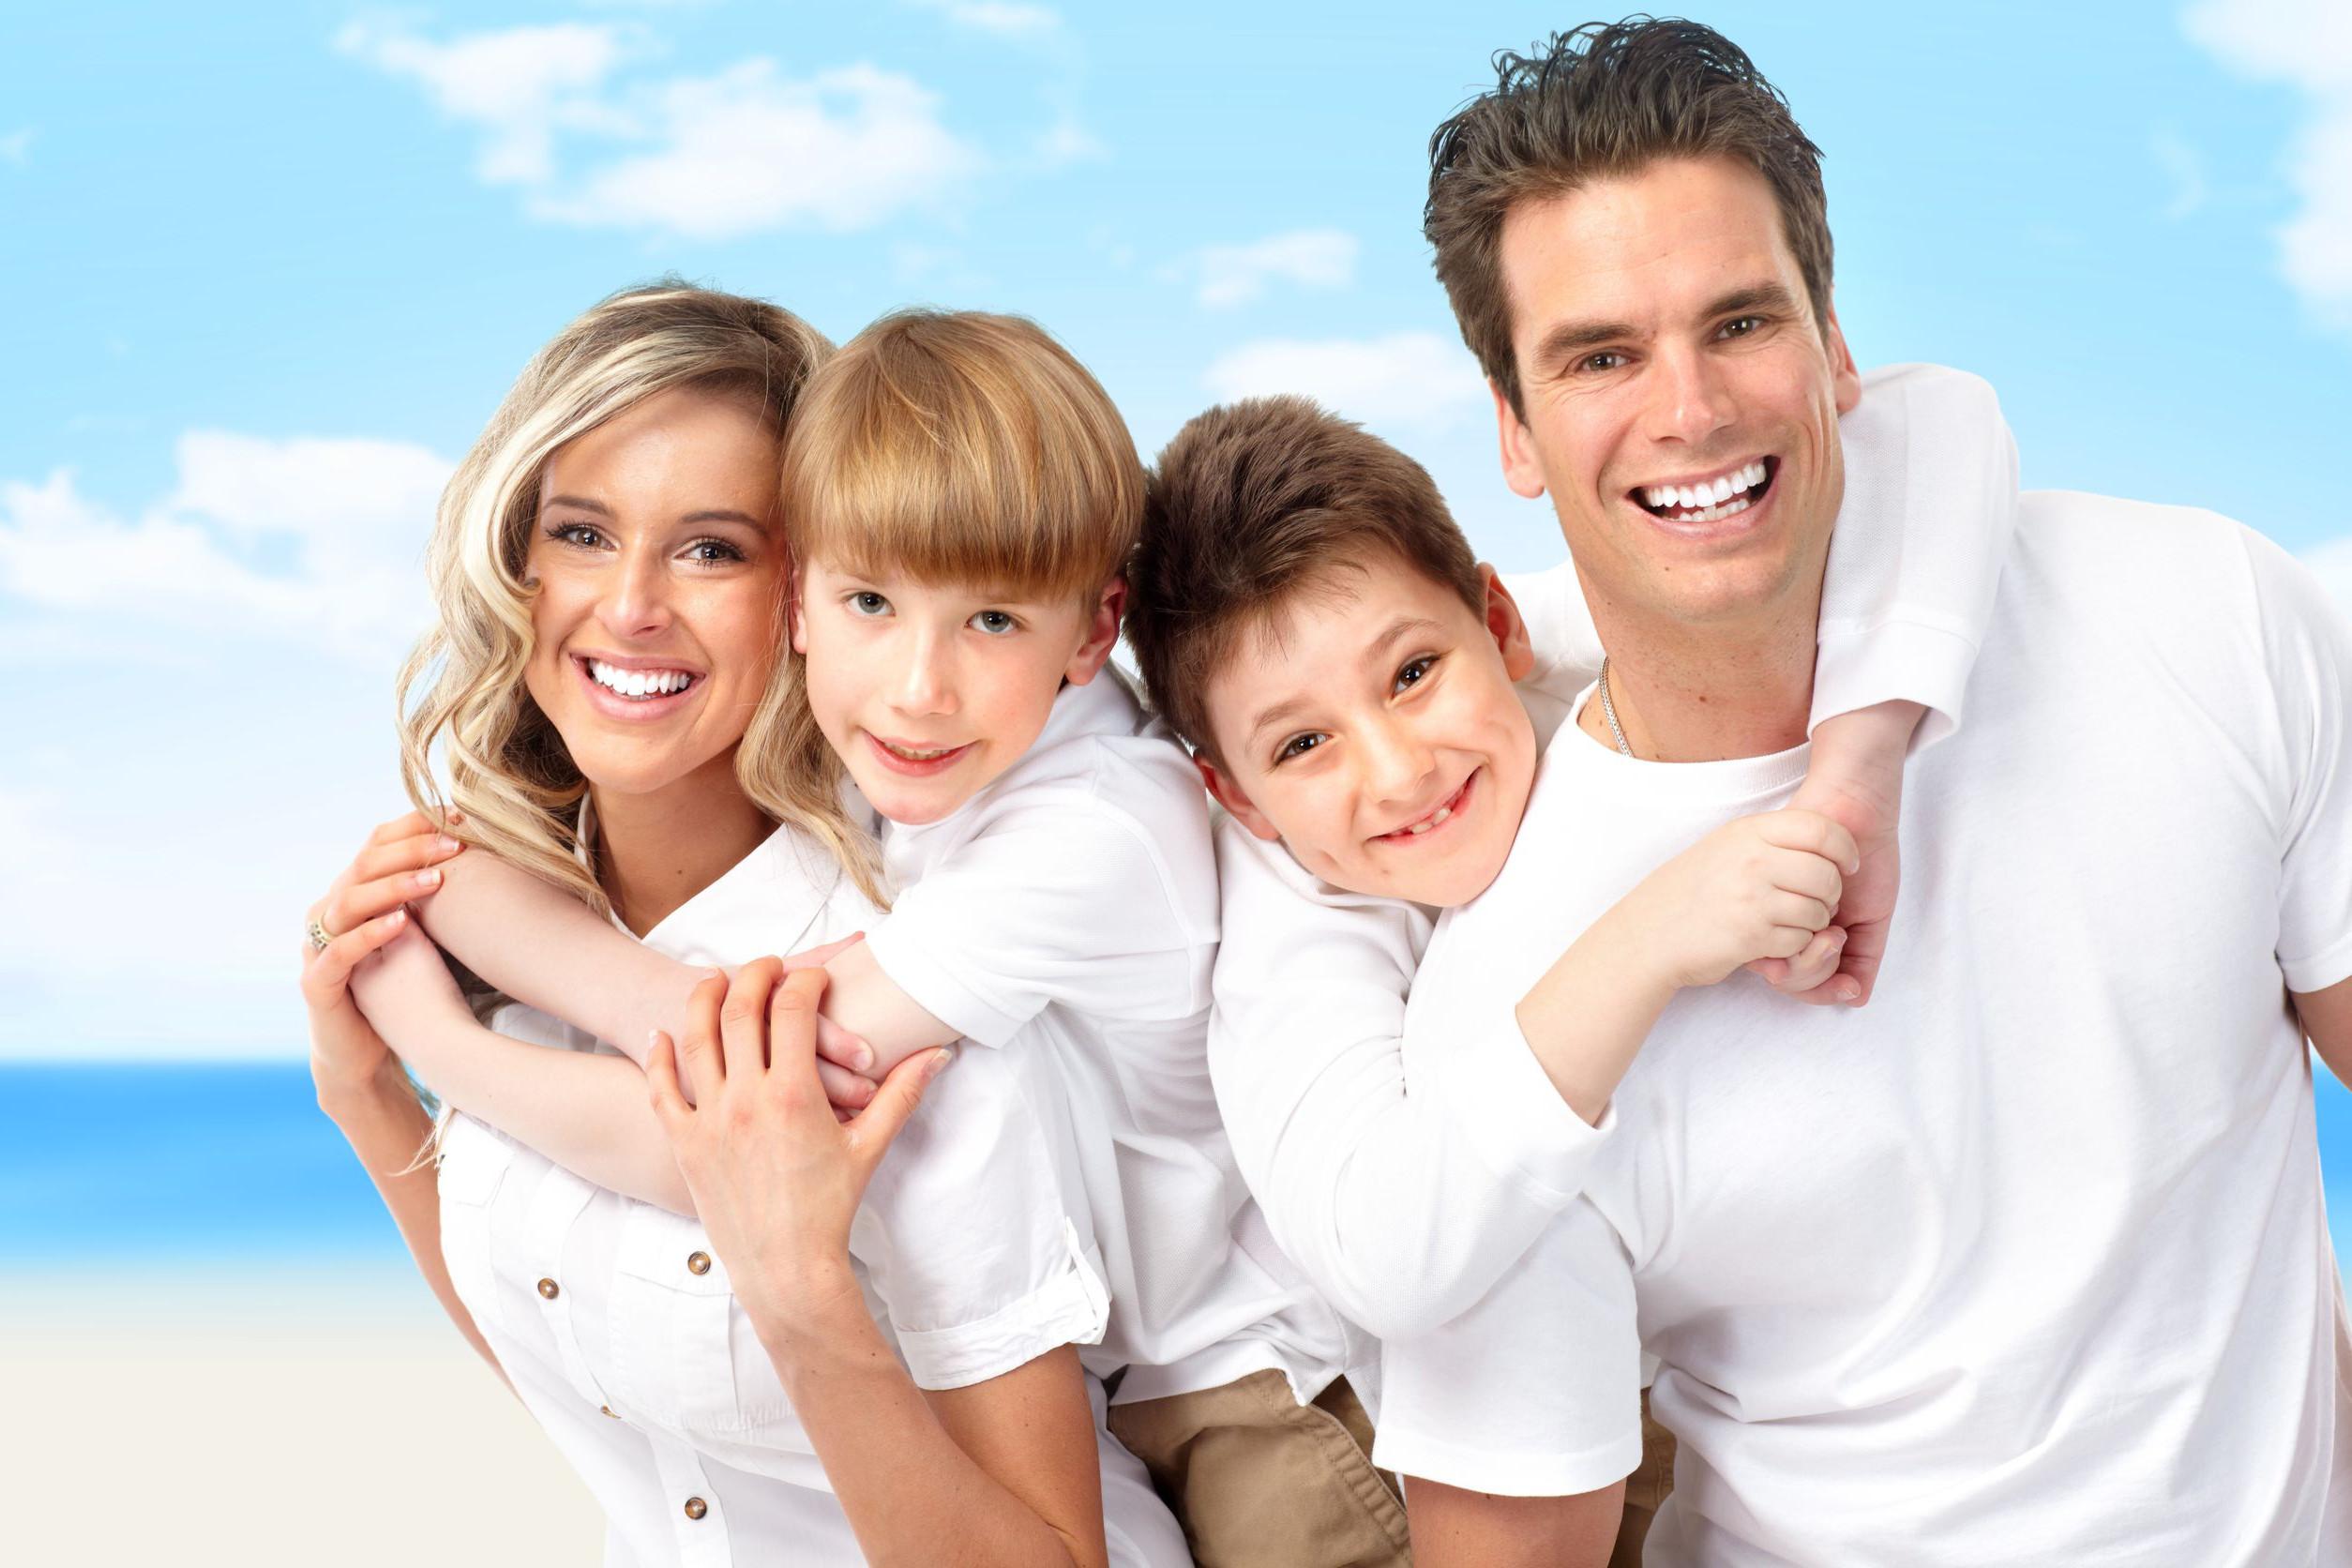 الترابط الاسري له دور كبير في تمتع الطفل بنفسية سوية